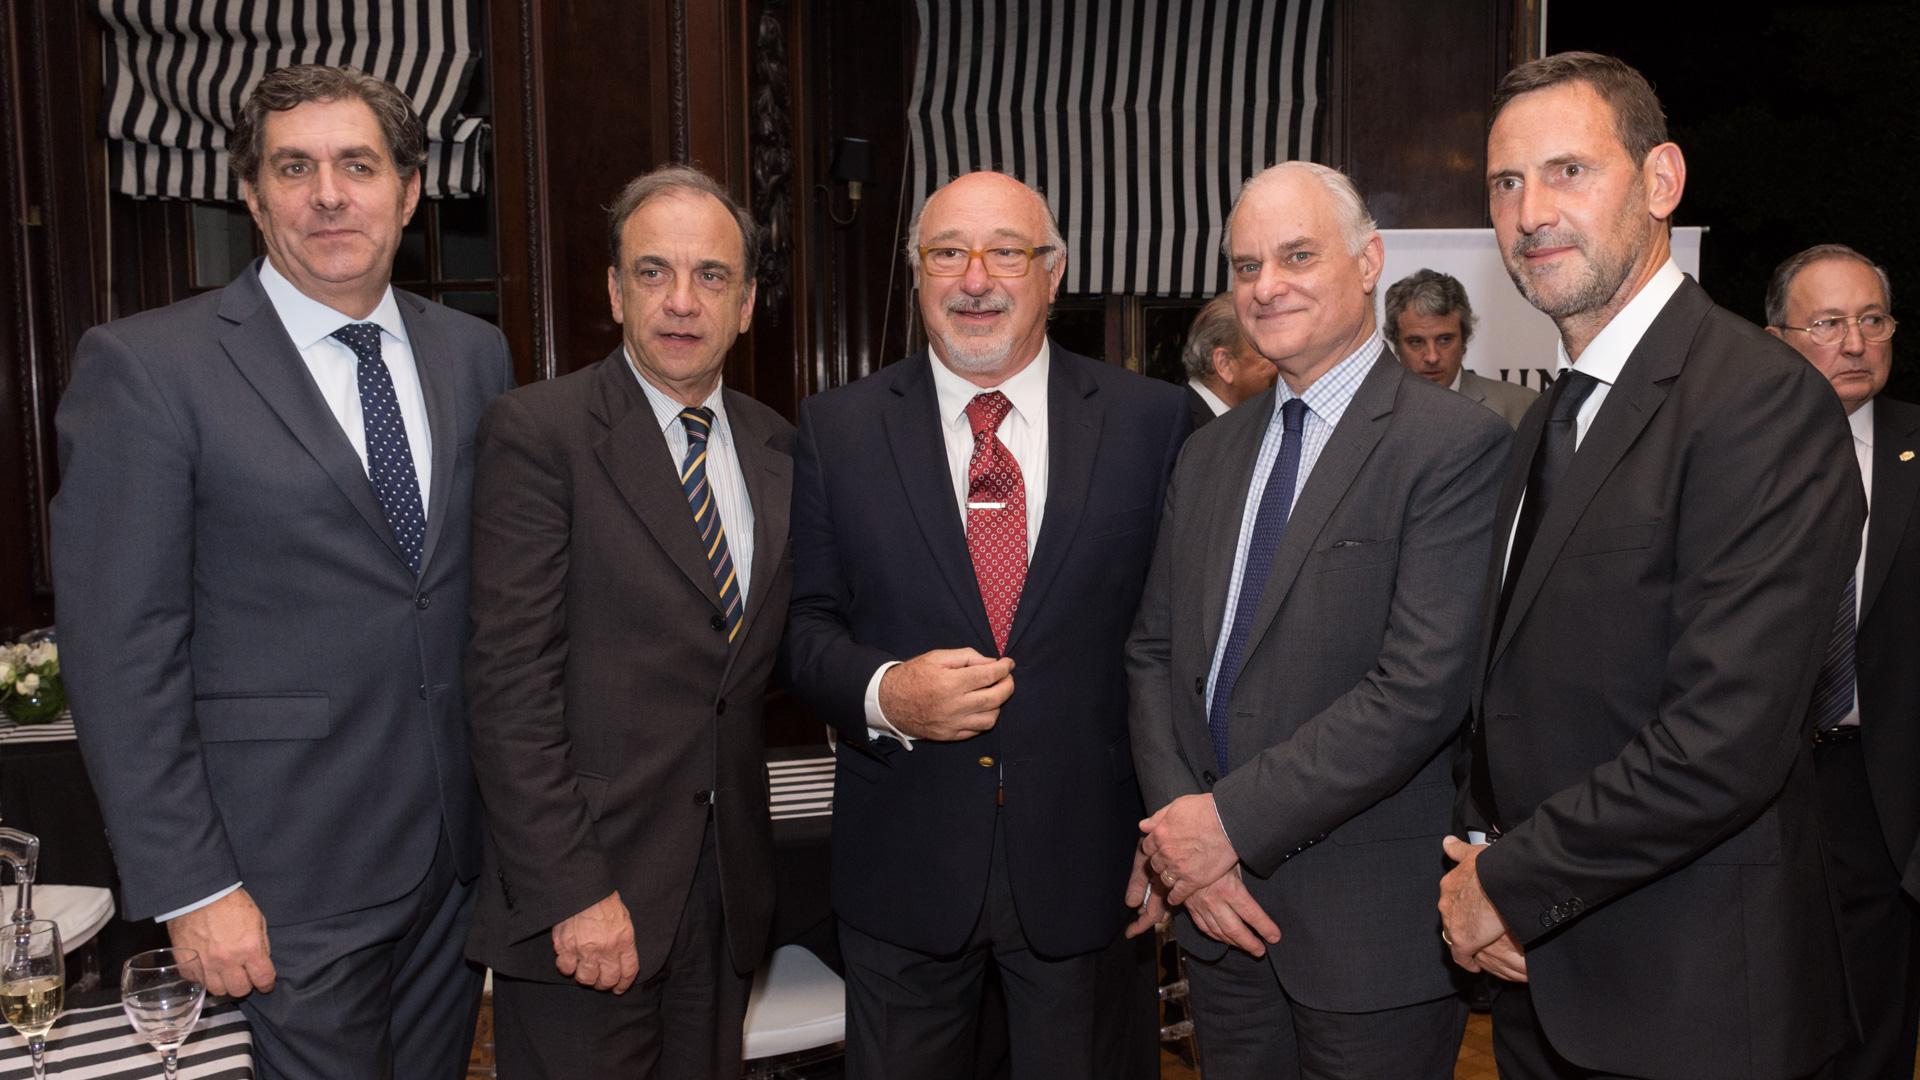 Juan Carlos Gemignani, juez de la Cámara Federal de Casación, Raúl Plee, Julio Federik, abogado penalista y Julio Ferrari Freyre ministro Representación Especial para asuntos de terrorismo